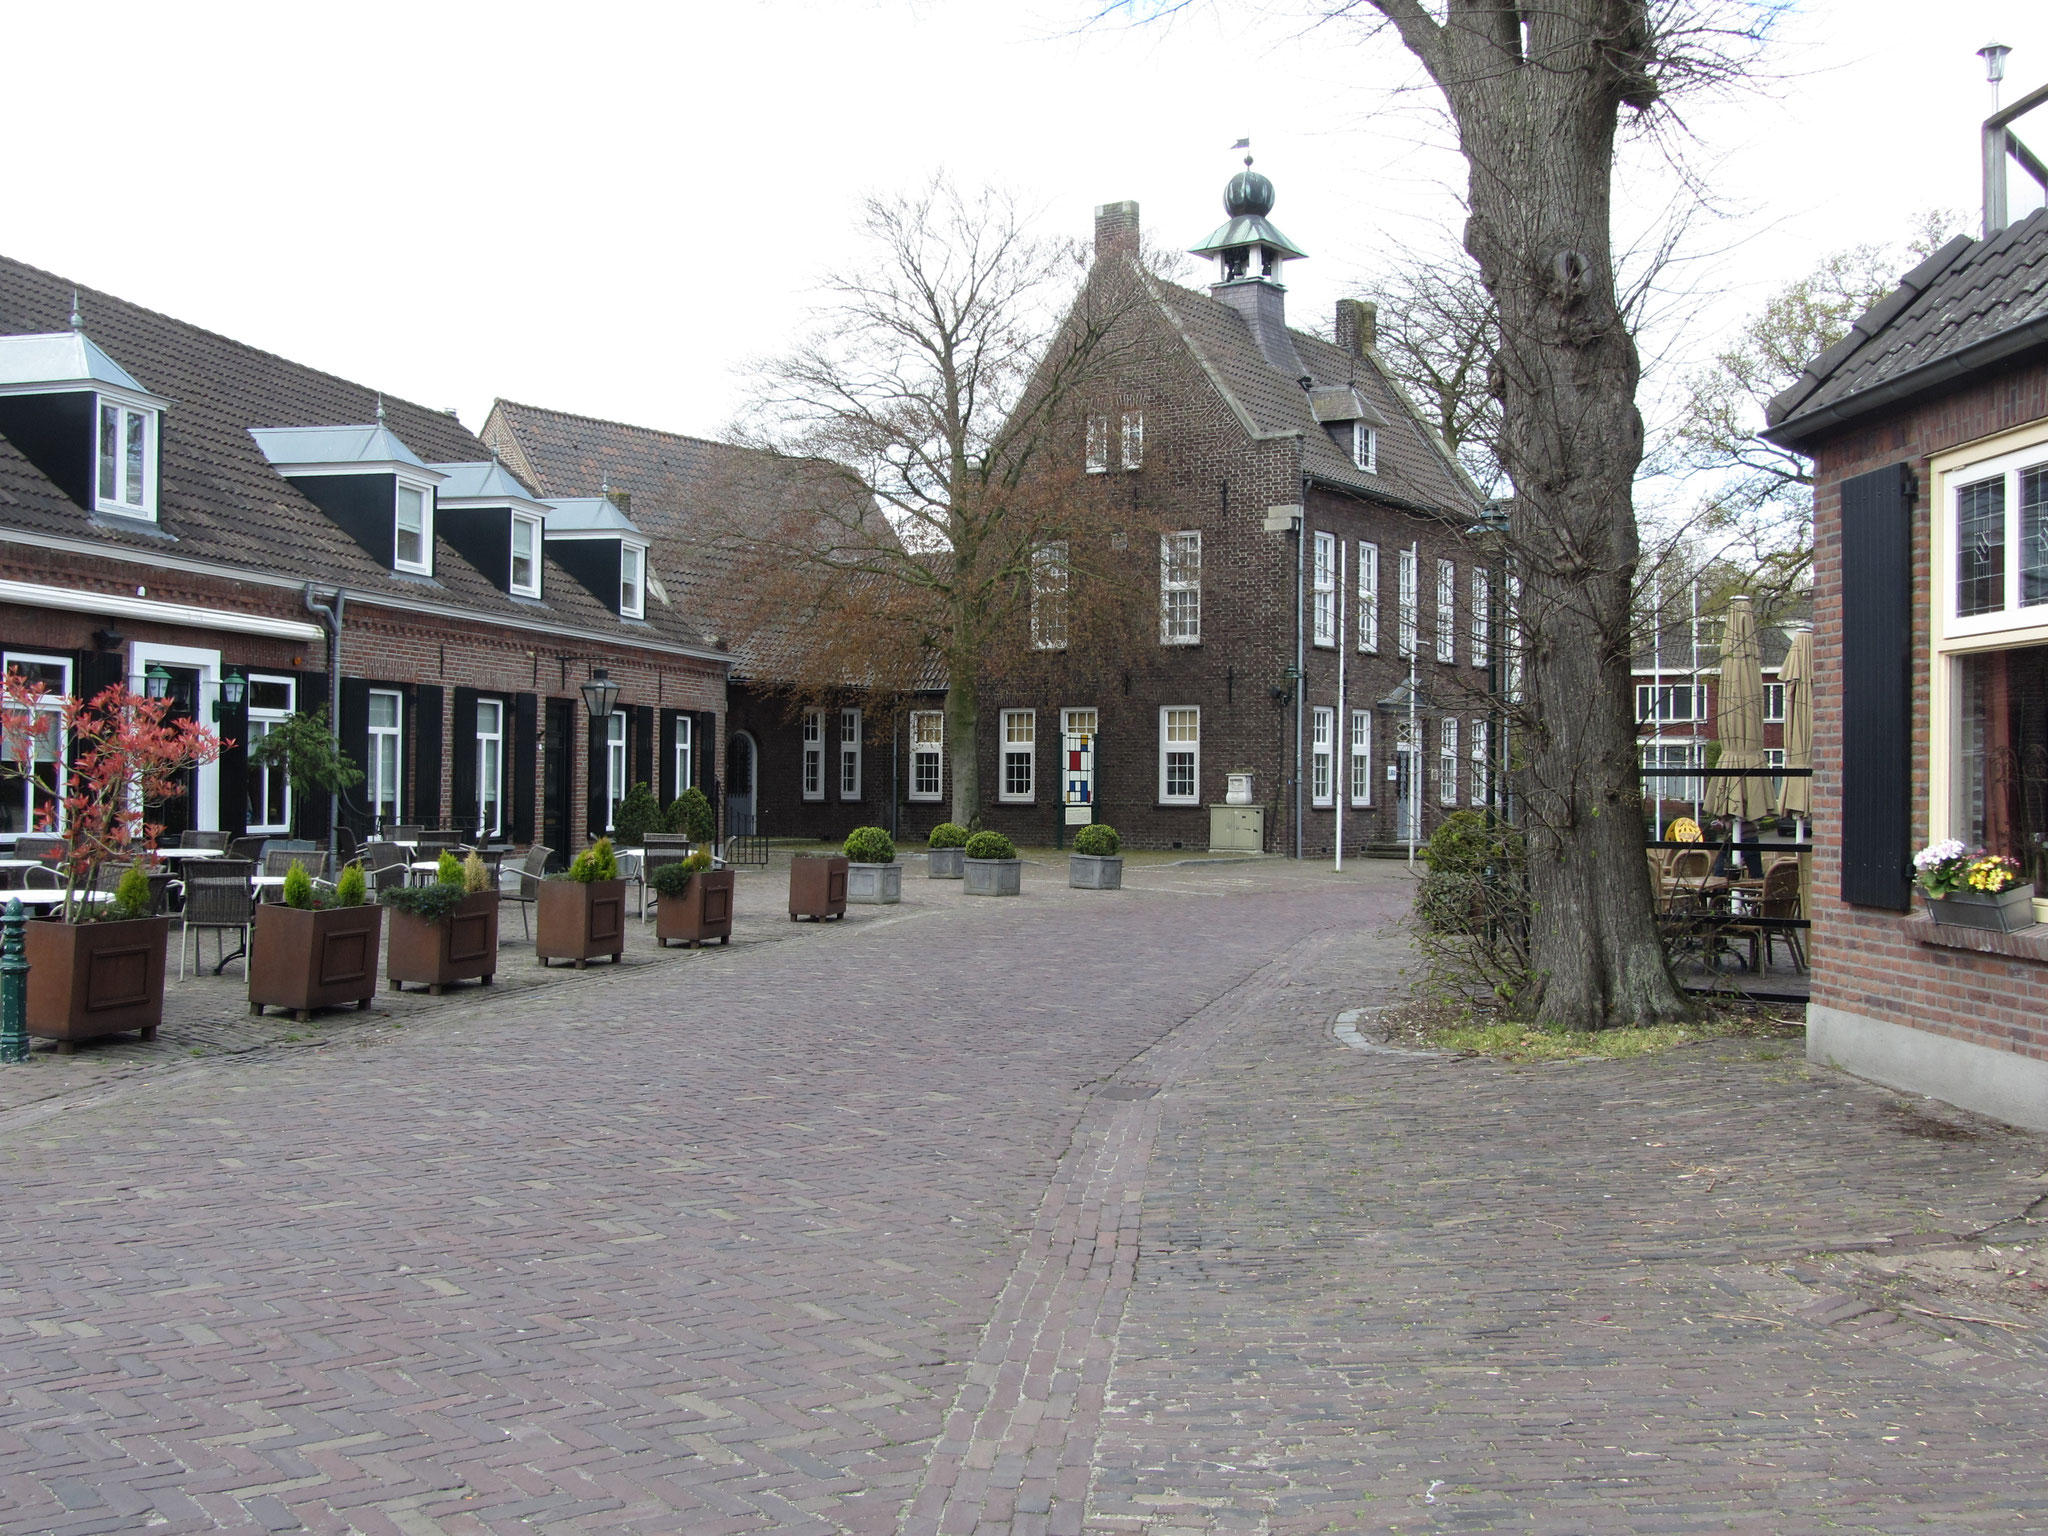 Straatbeeld Nistelrode, gebiedstype historisch dorpscentrum